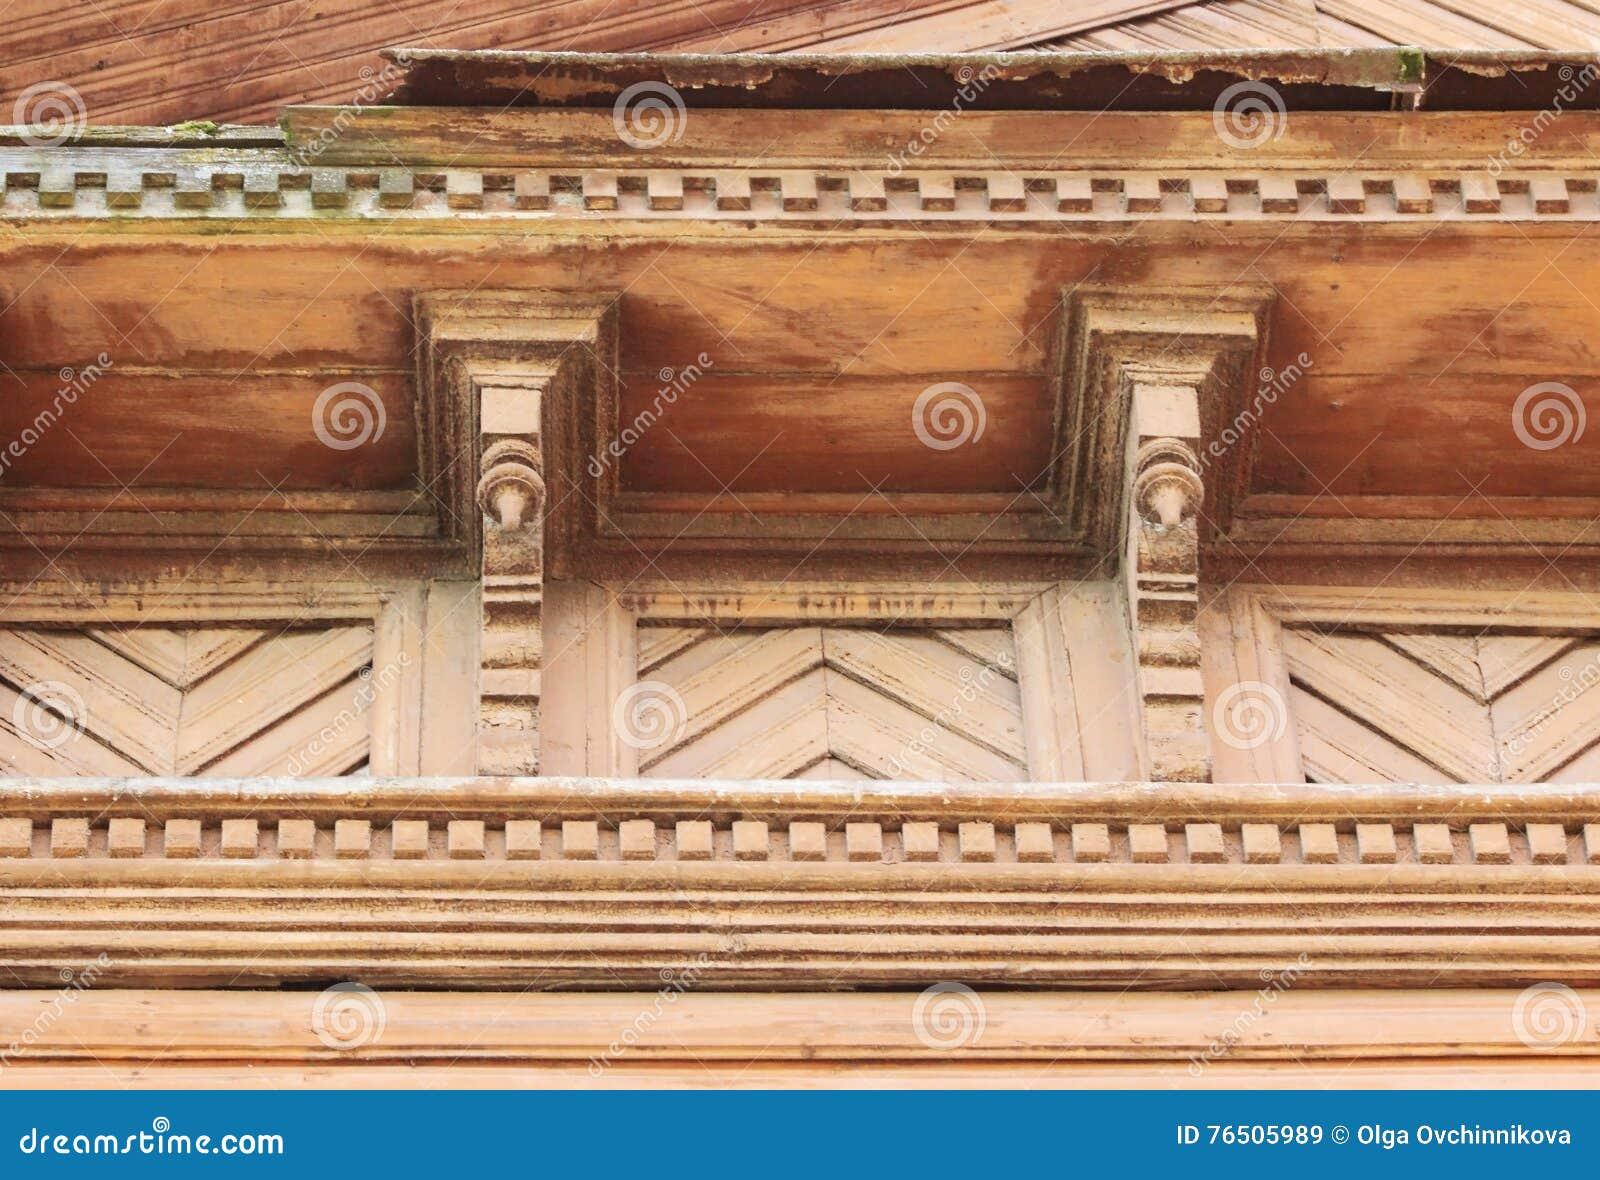 Ajuste artsy de la decoración y casa de madera vieja clásica color de madera del ladrillo de la textura de los modelos triangular